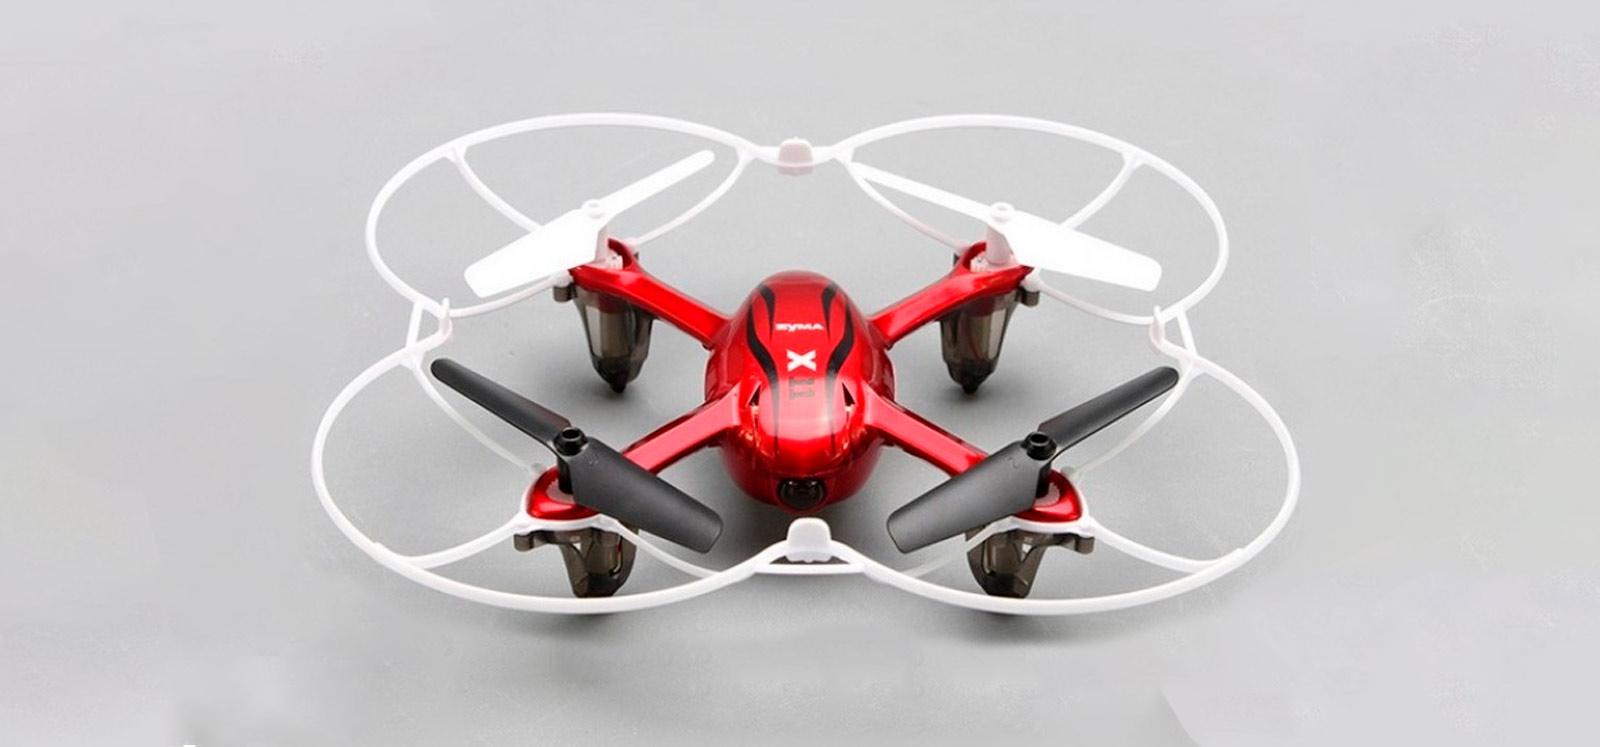 dron para niños 12 años syma x11c